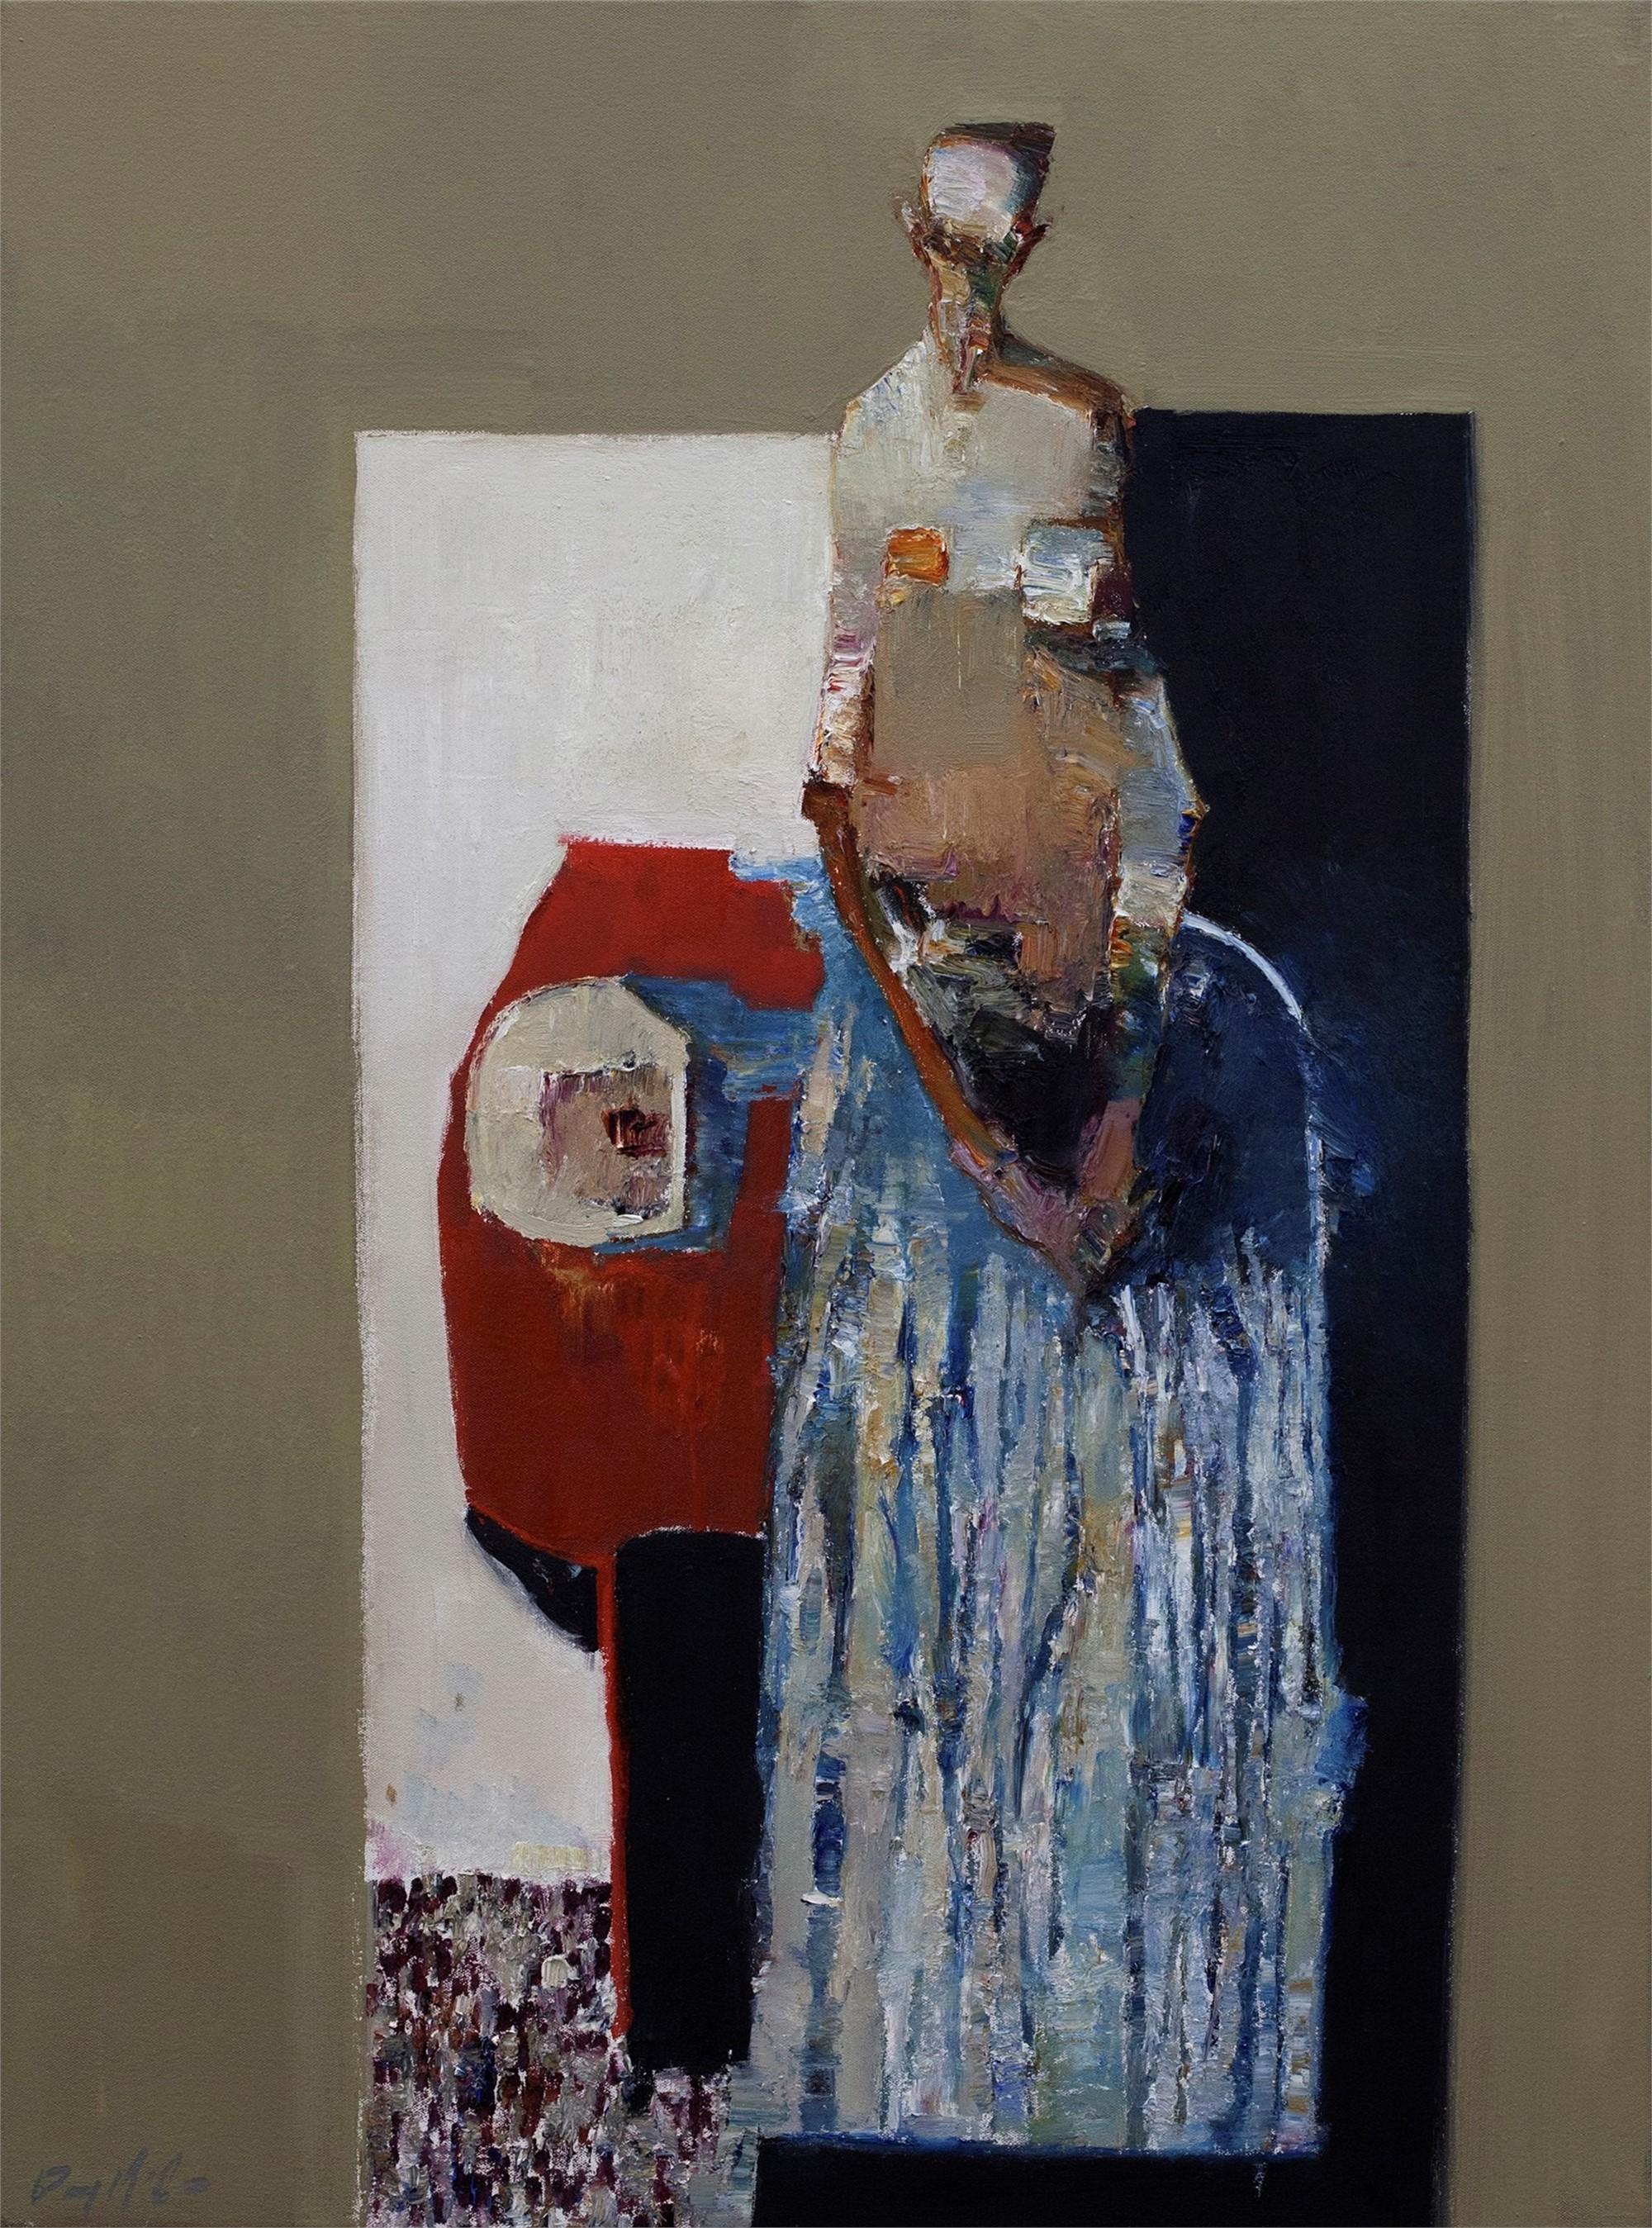 Striped Dress by Danny McCaw